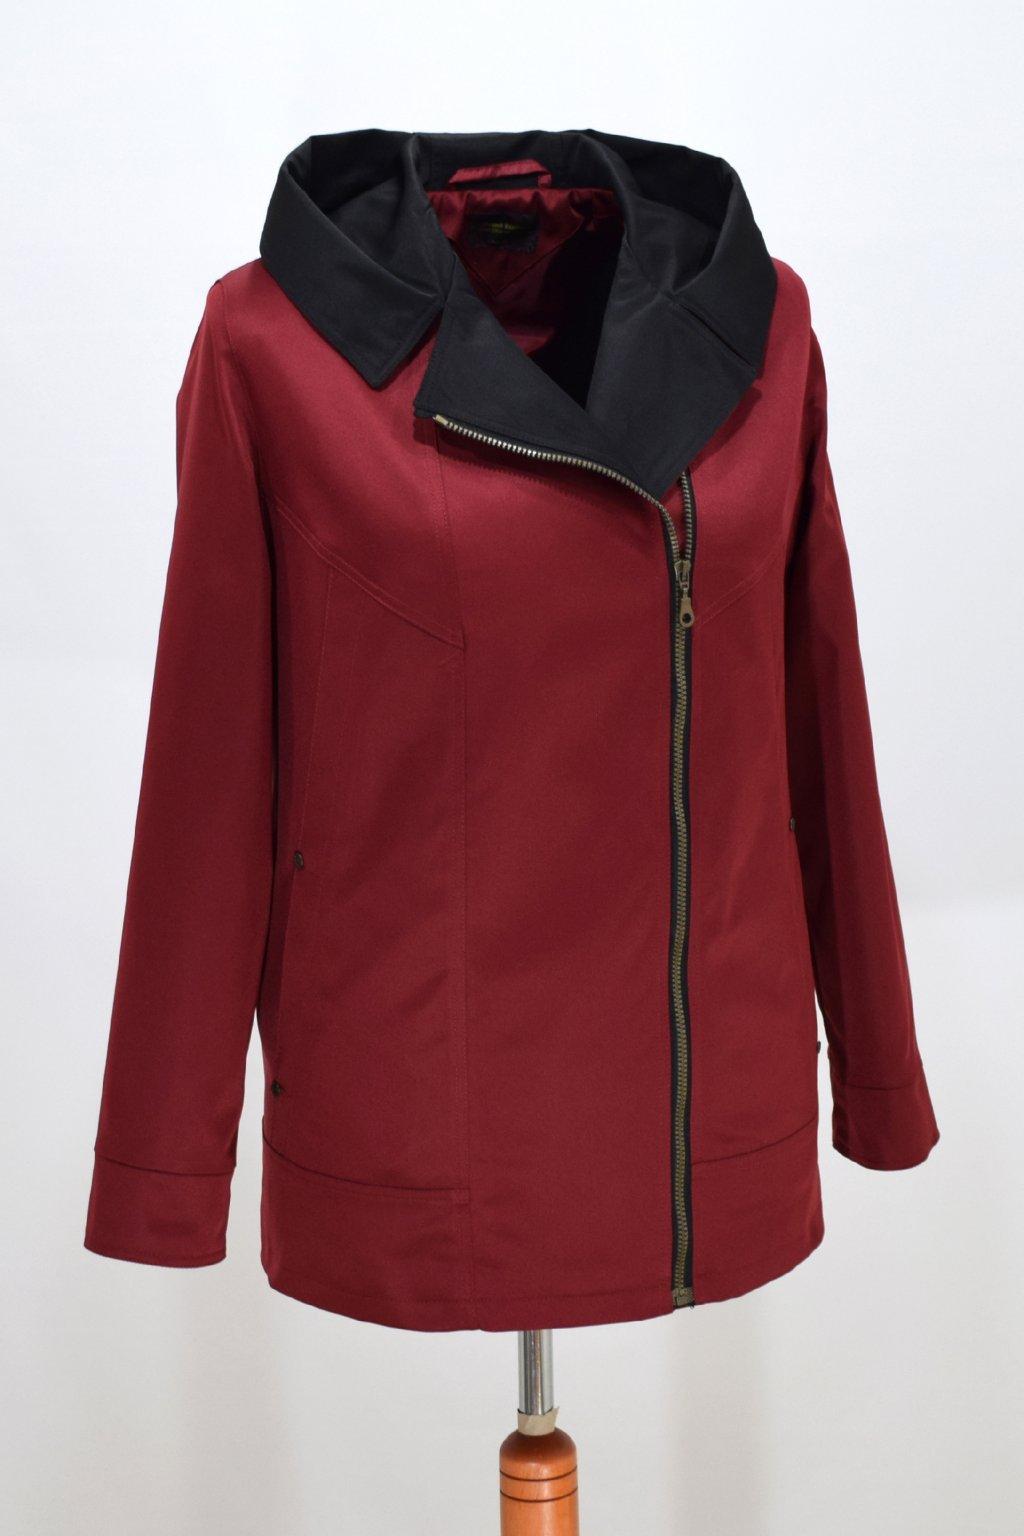 Dámská vínová jarní bunda Marika nadměrné velikosti.